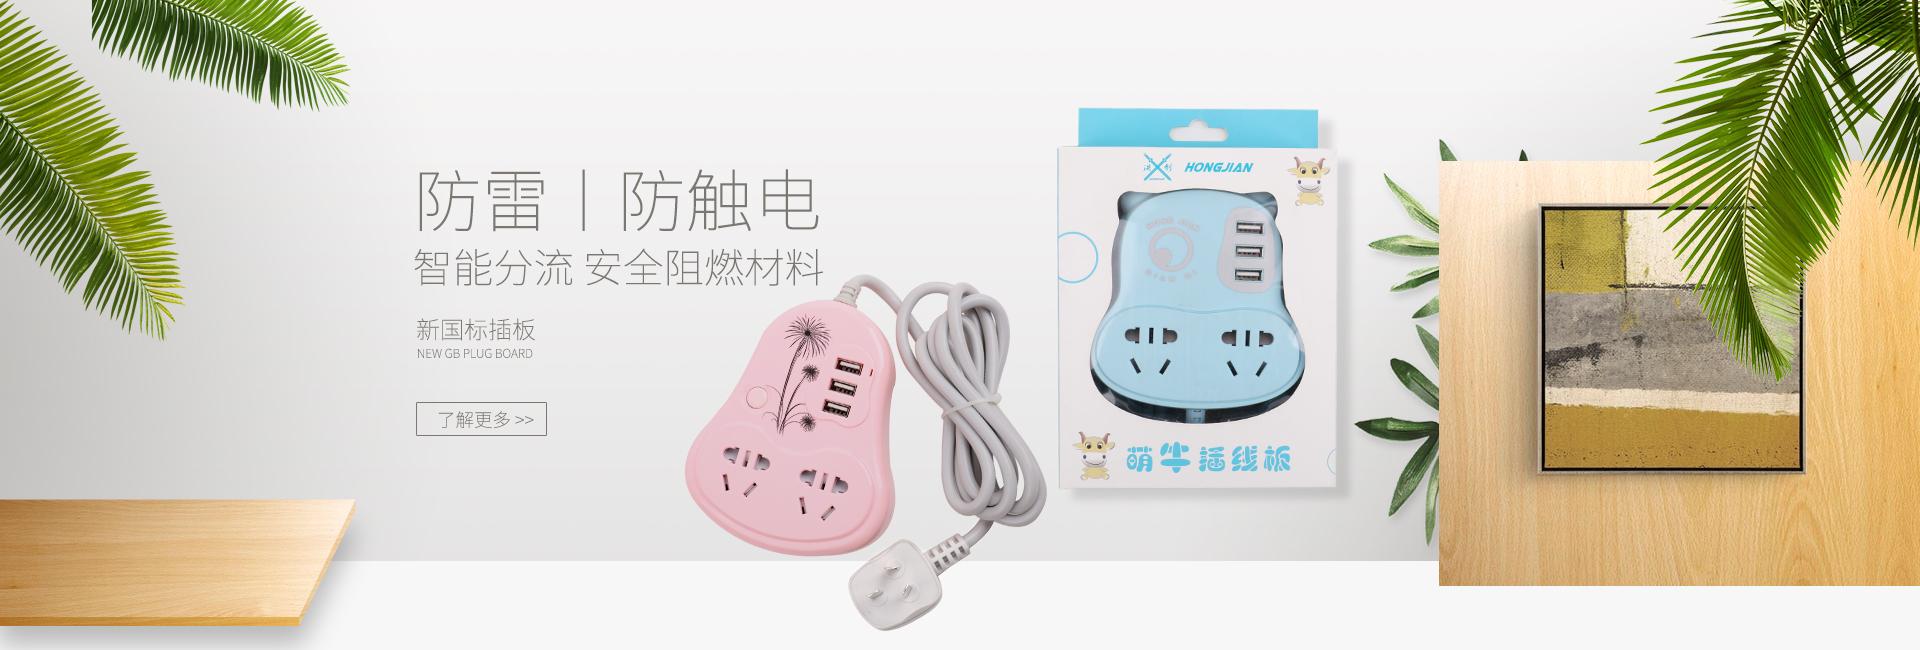 USB电风扇厂家